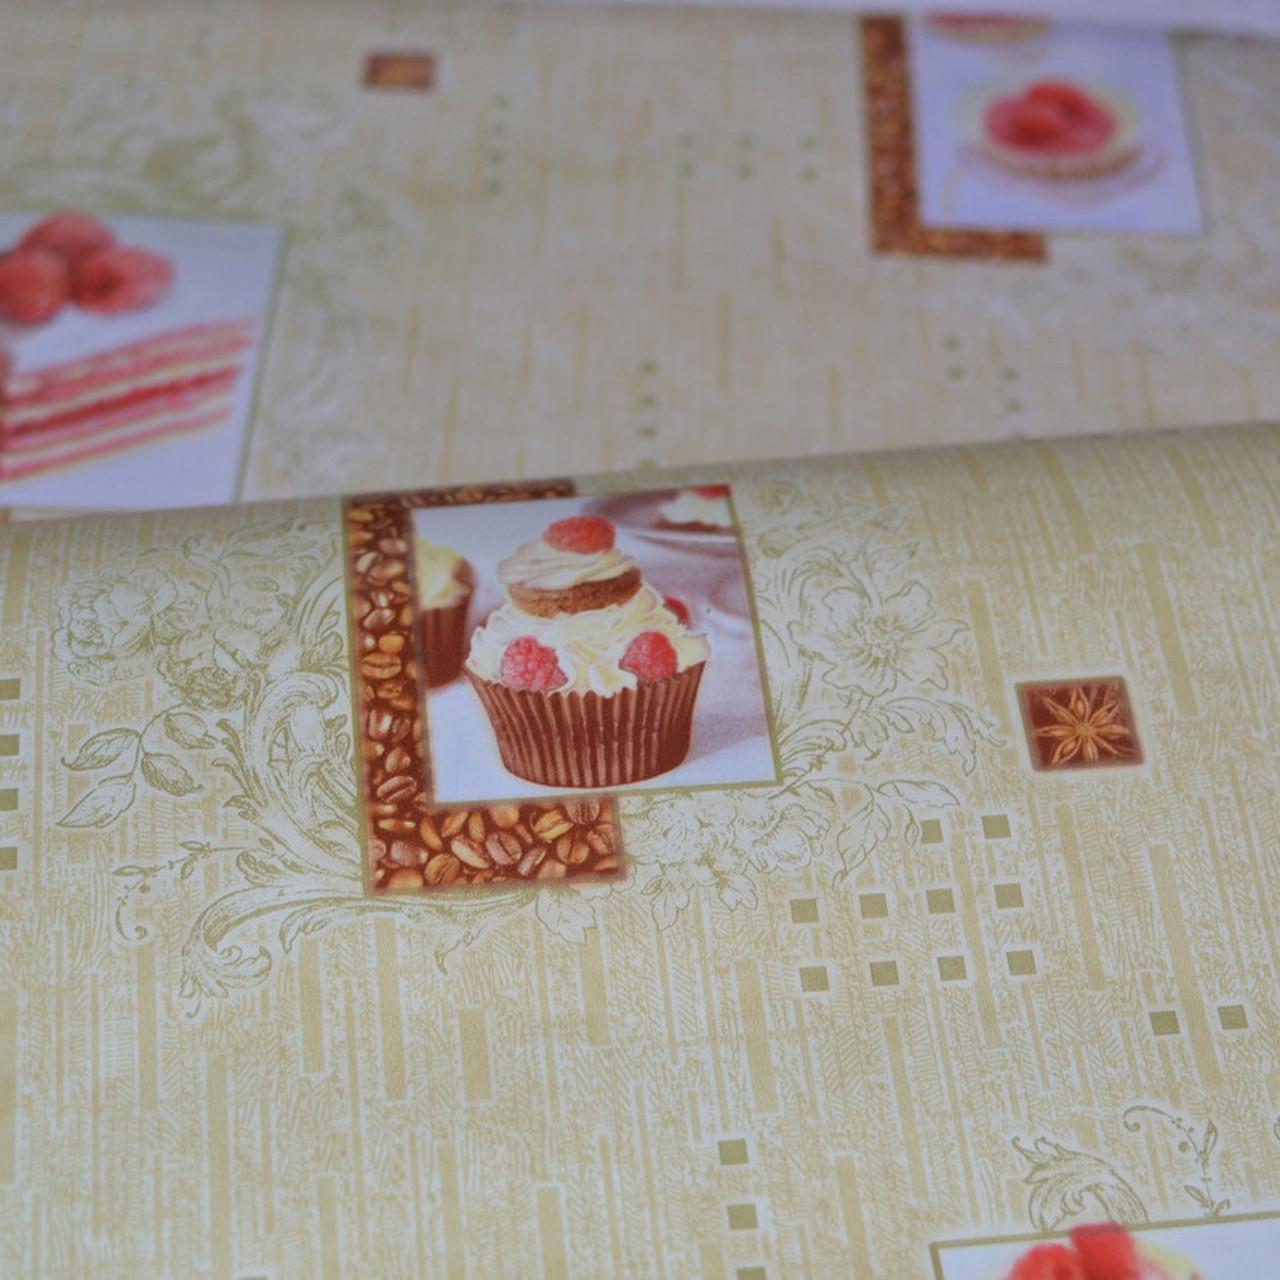 Обои, обои на стену, бумажные влагостойкие, торт, бисквит, капкейк, B56,4 Бисквит 8036-05Х, 0,53*10м